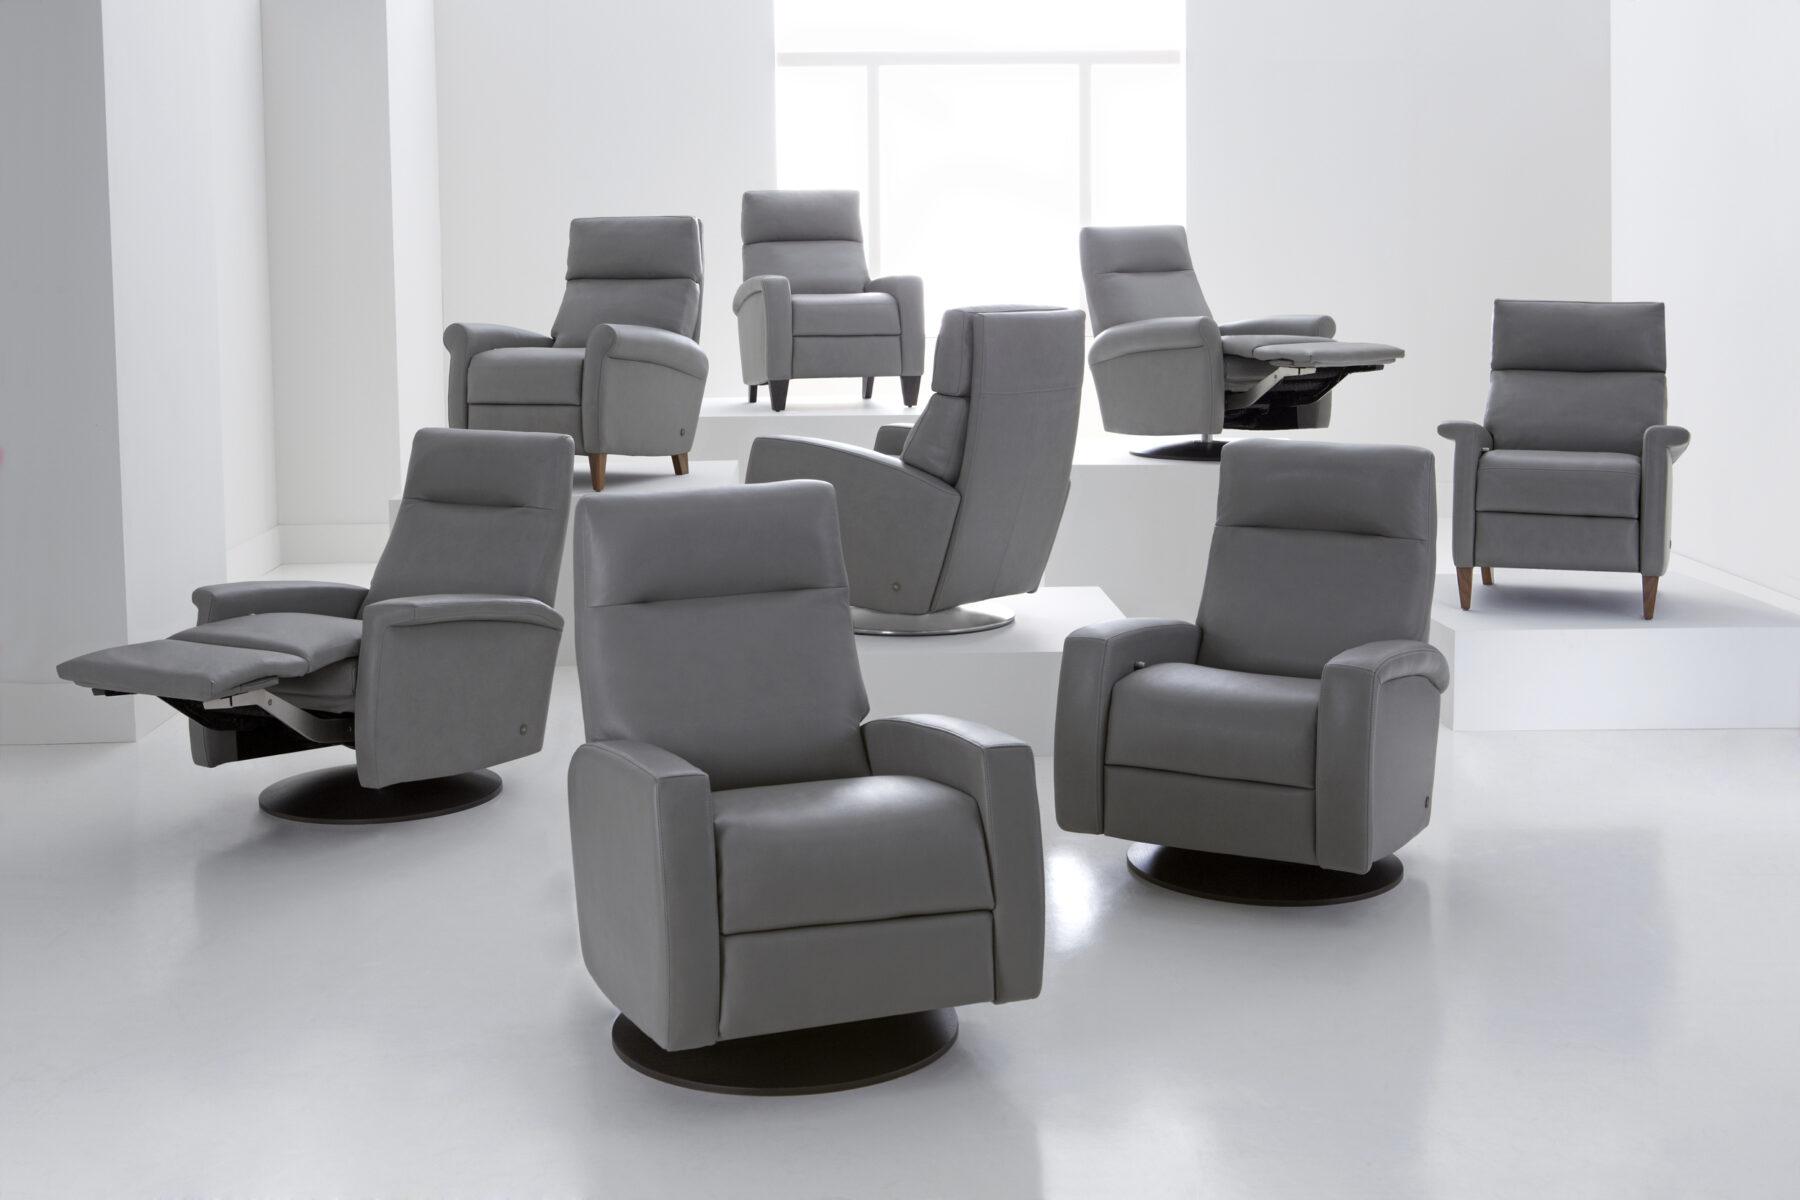 Comfort-Recliners-Open